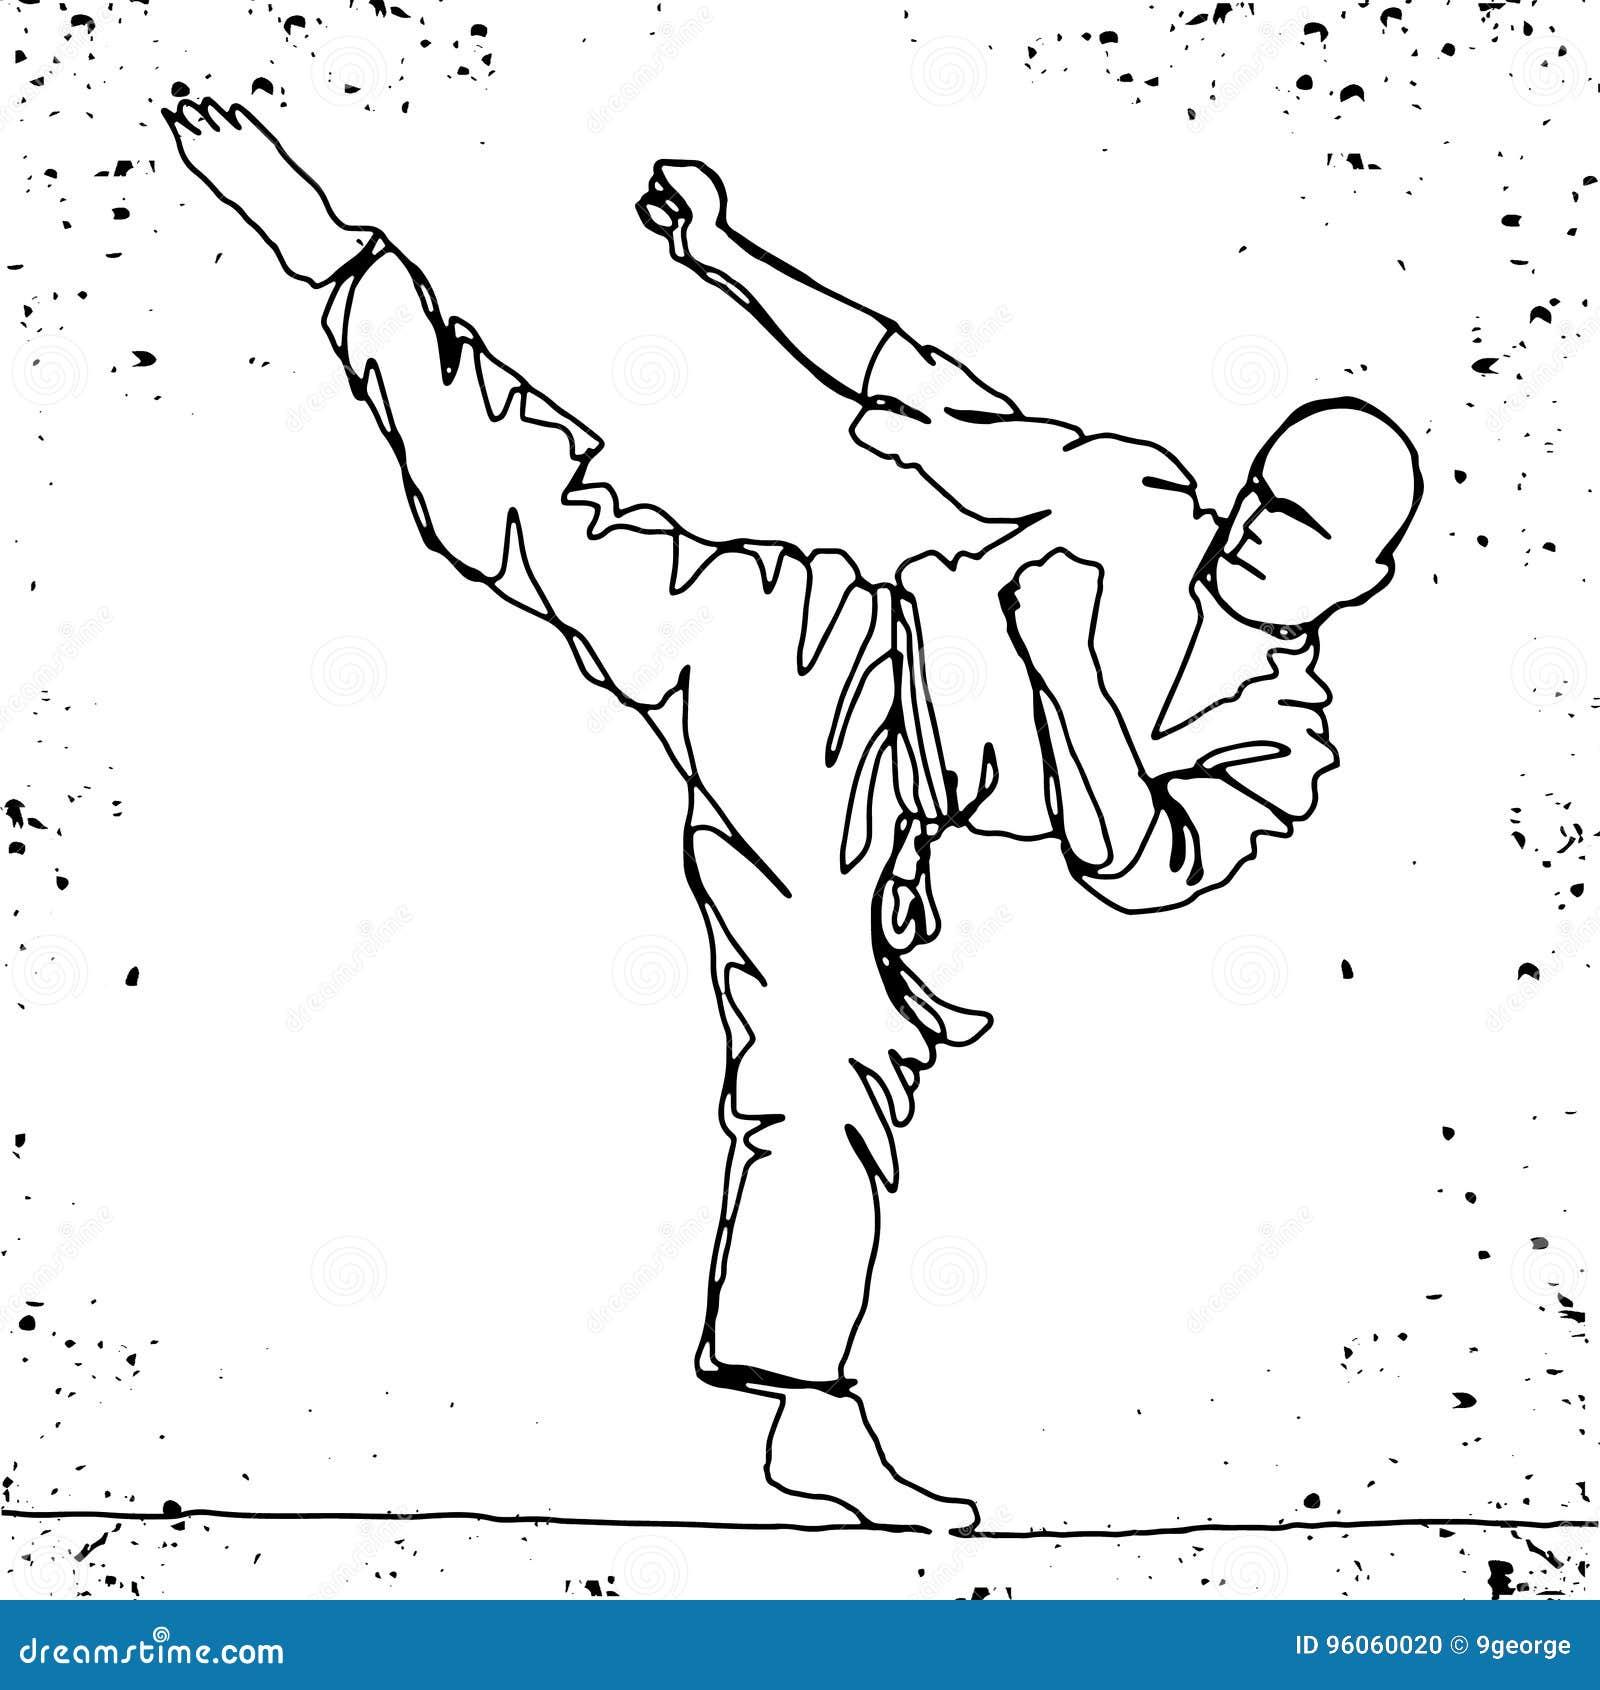 Dessin au trait continu d athlète de karaté